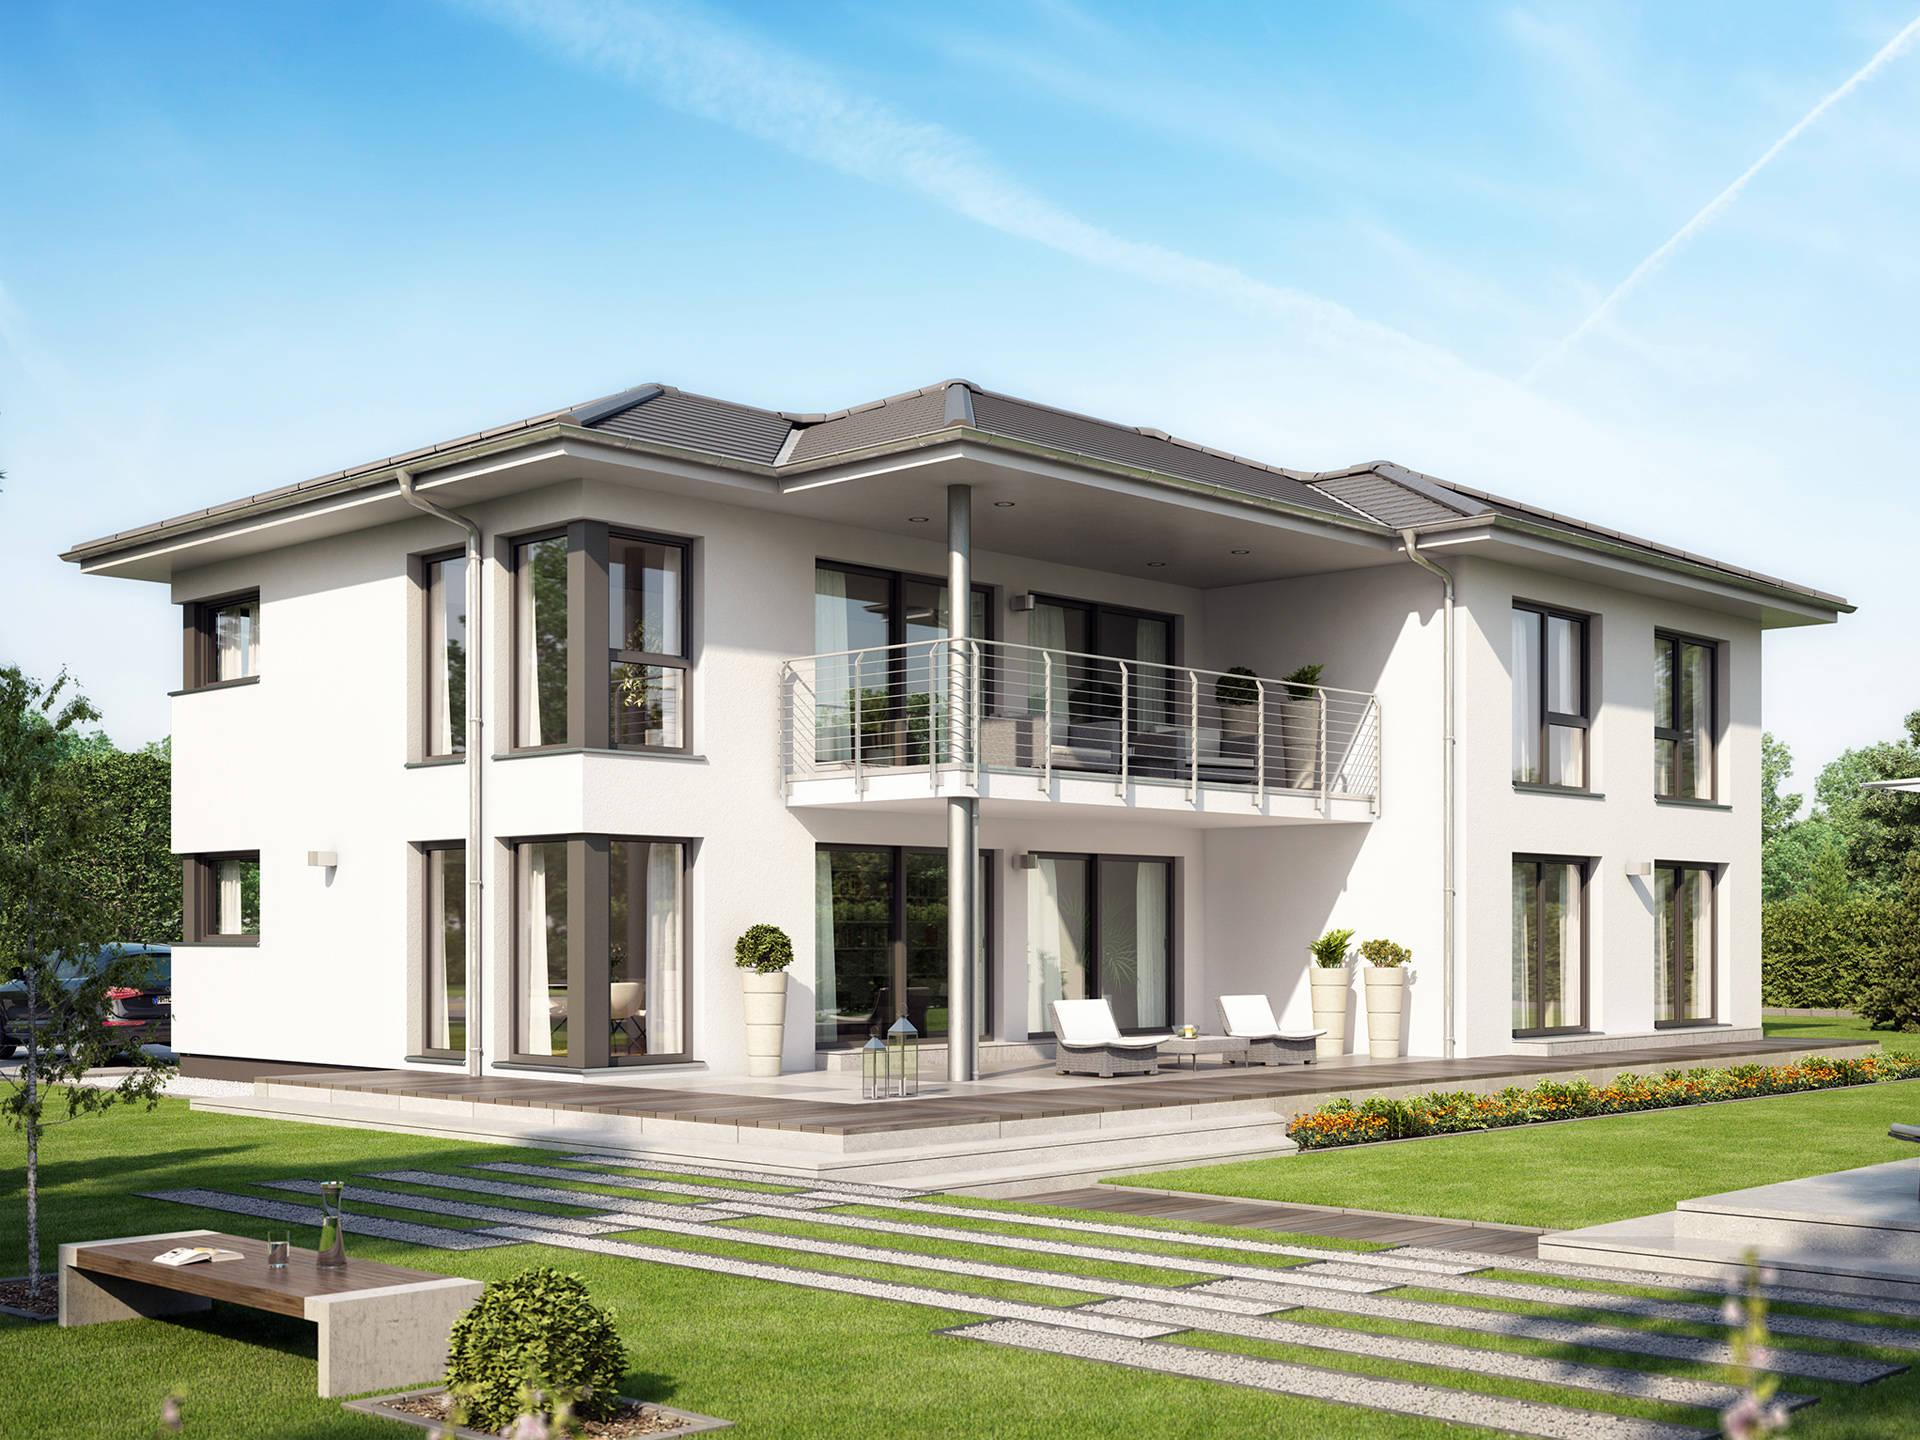 Moderne Gartenhäuser Zum Wohnen Glänzend On Modern Innerhalb 12 Best Haus Mit Einliegerwohnung Images Pinterest 7